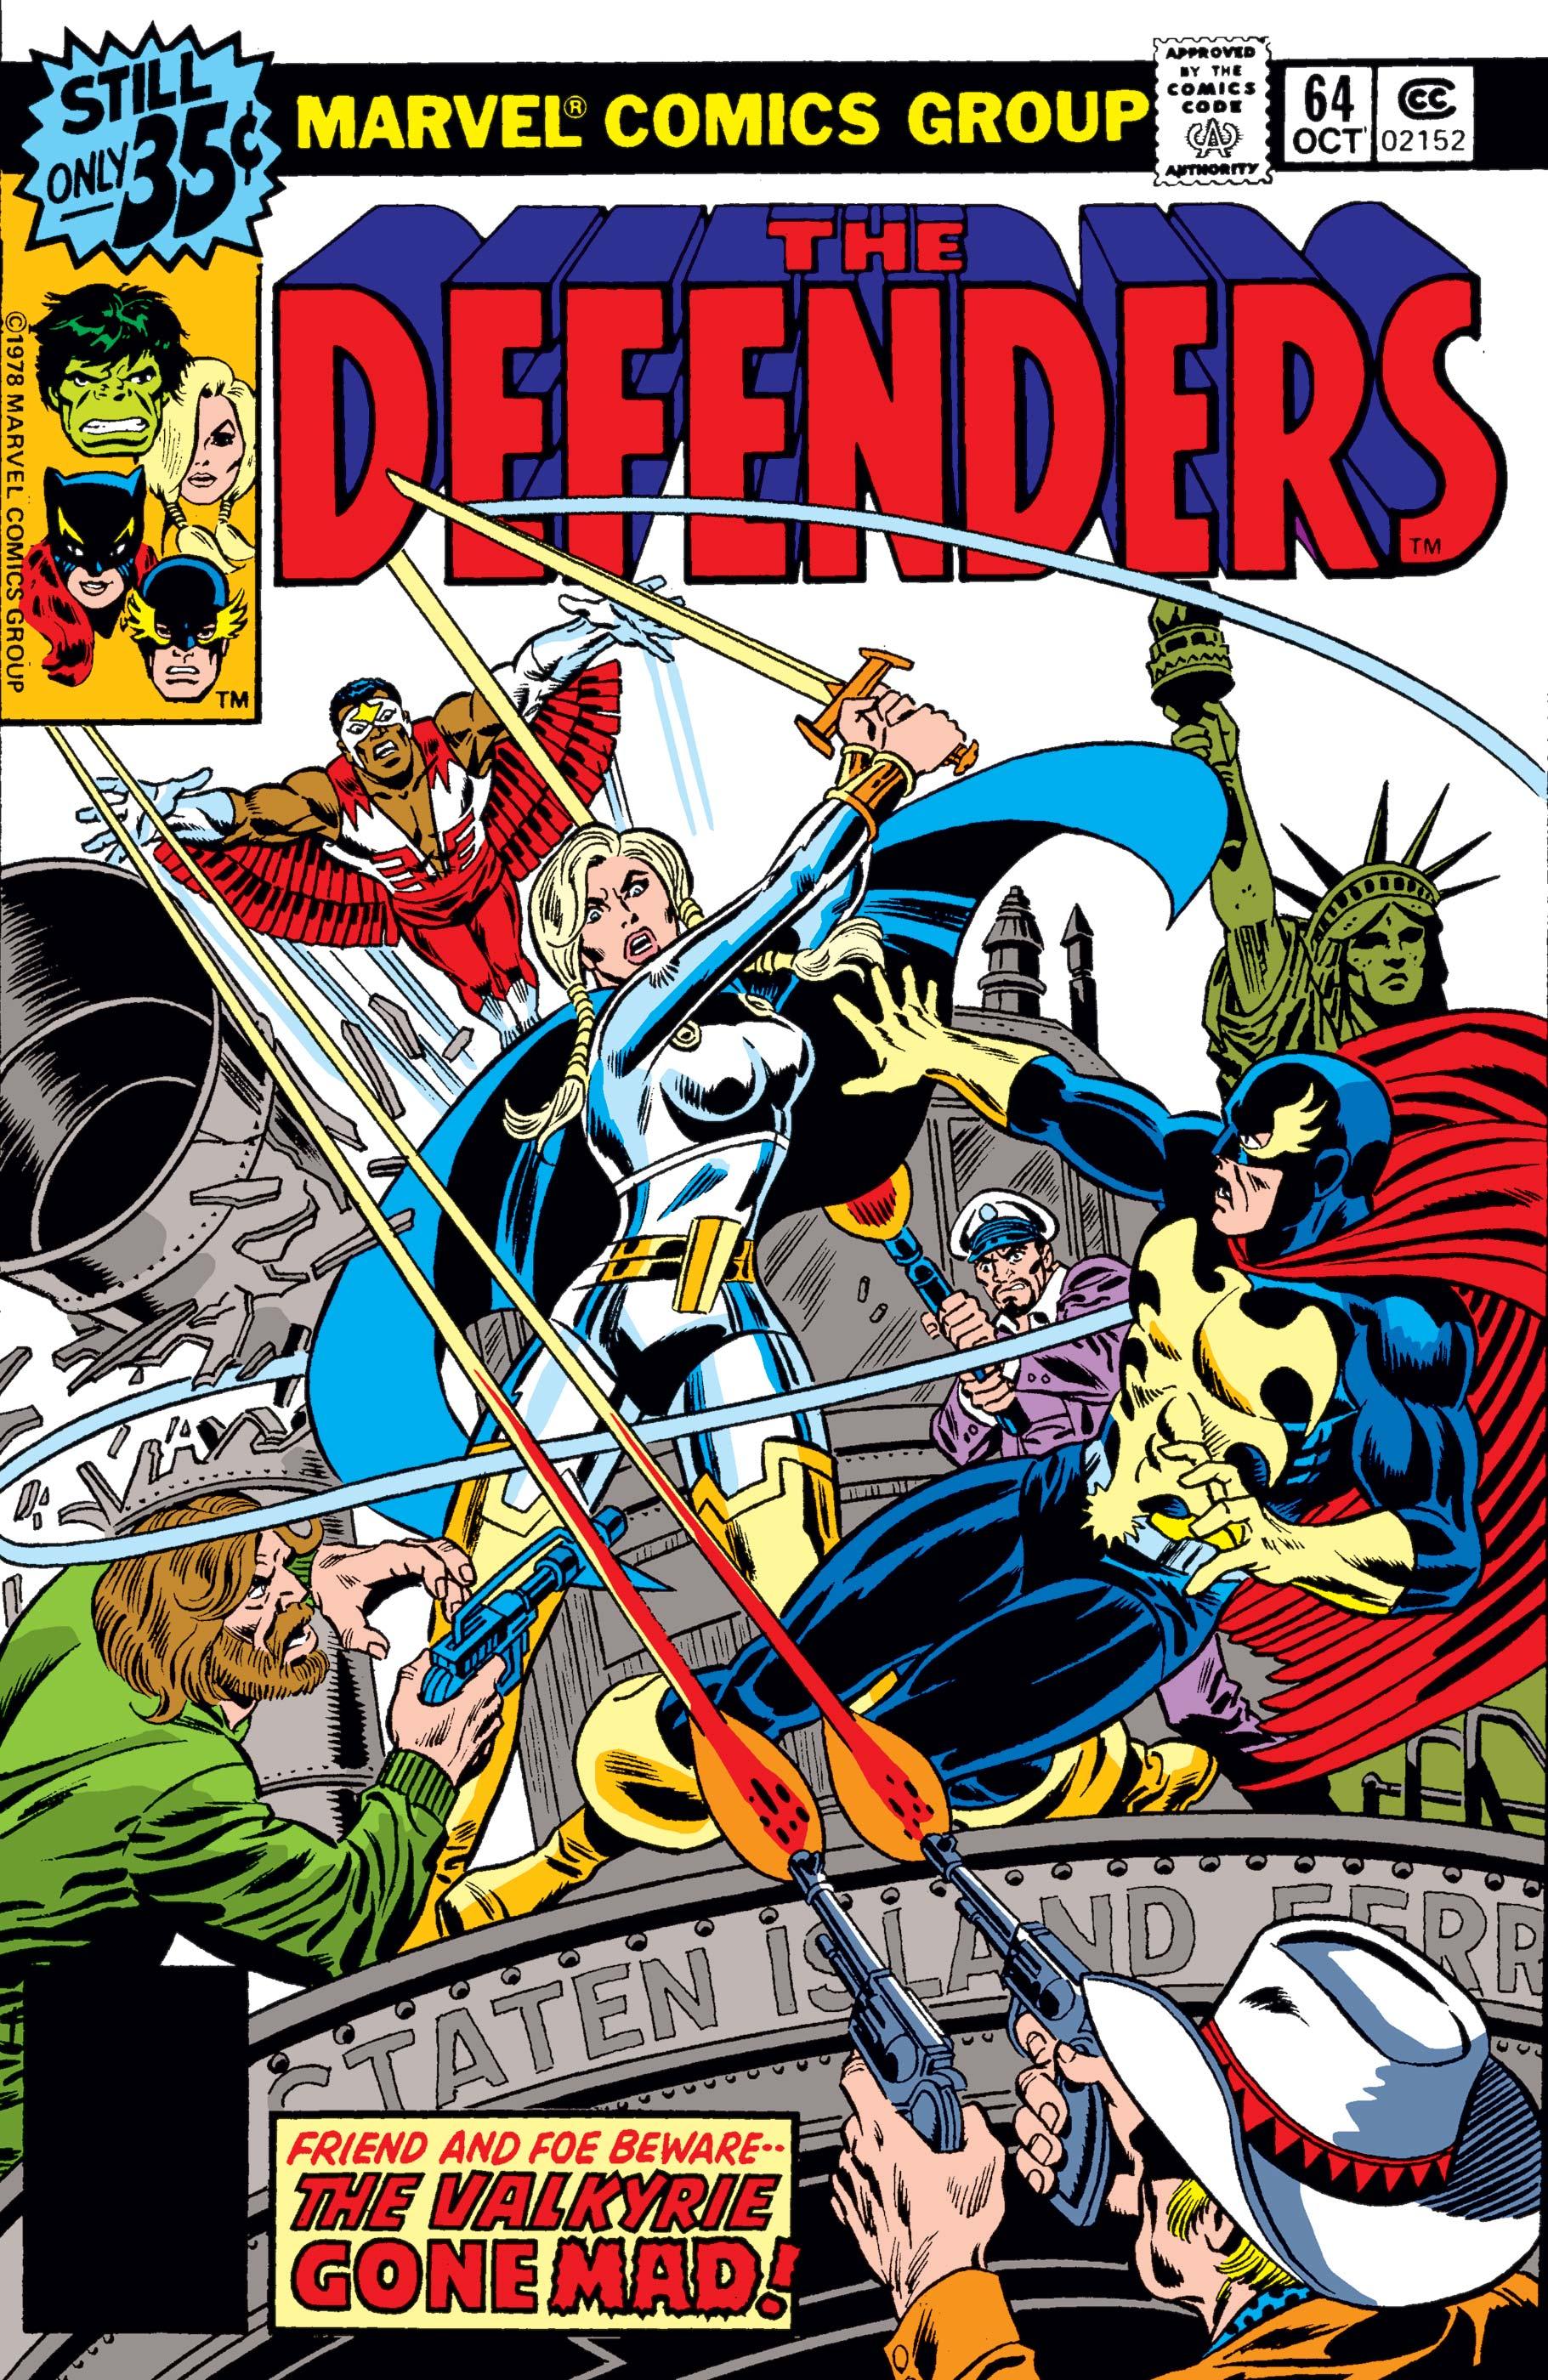 Defenders (1972) #64